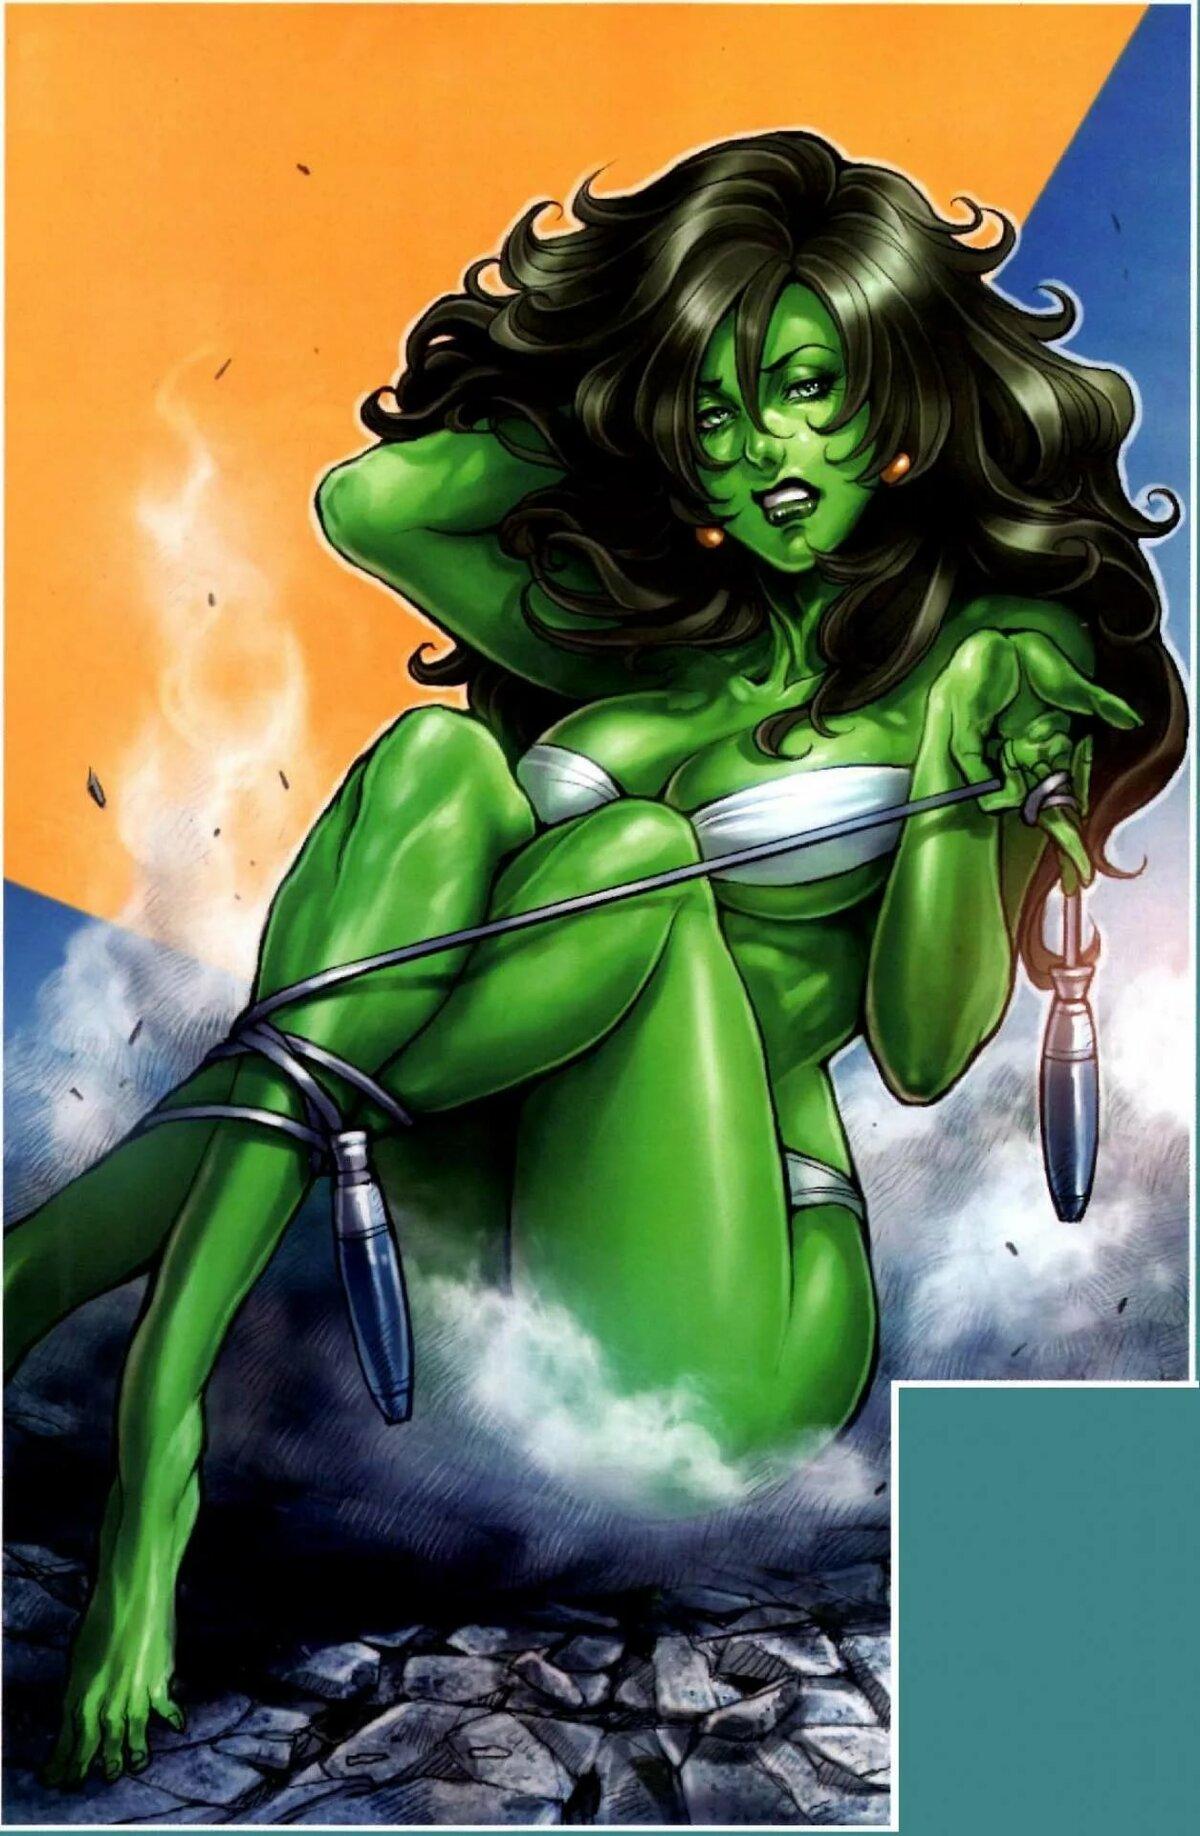 coli-she-hulk-hot-yuri